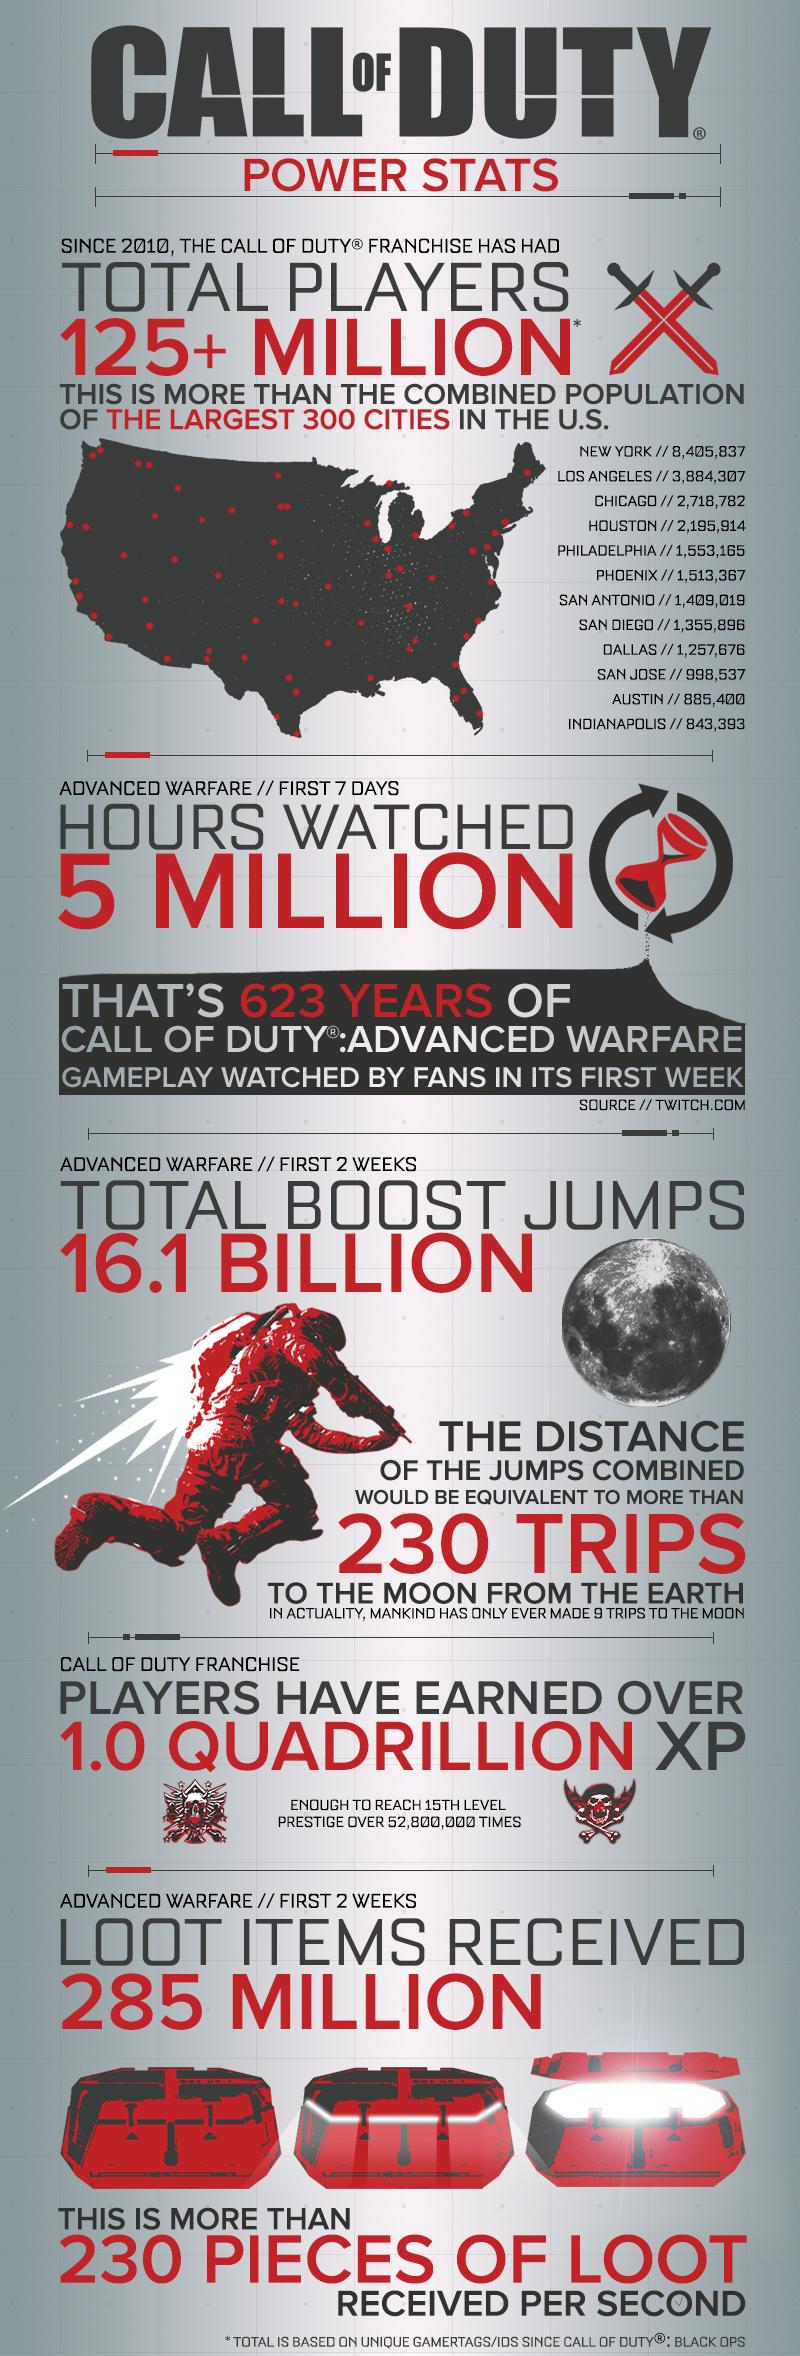 CoD Infographic